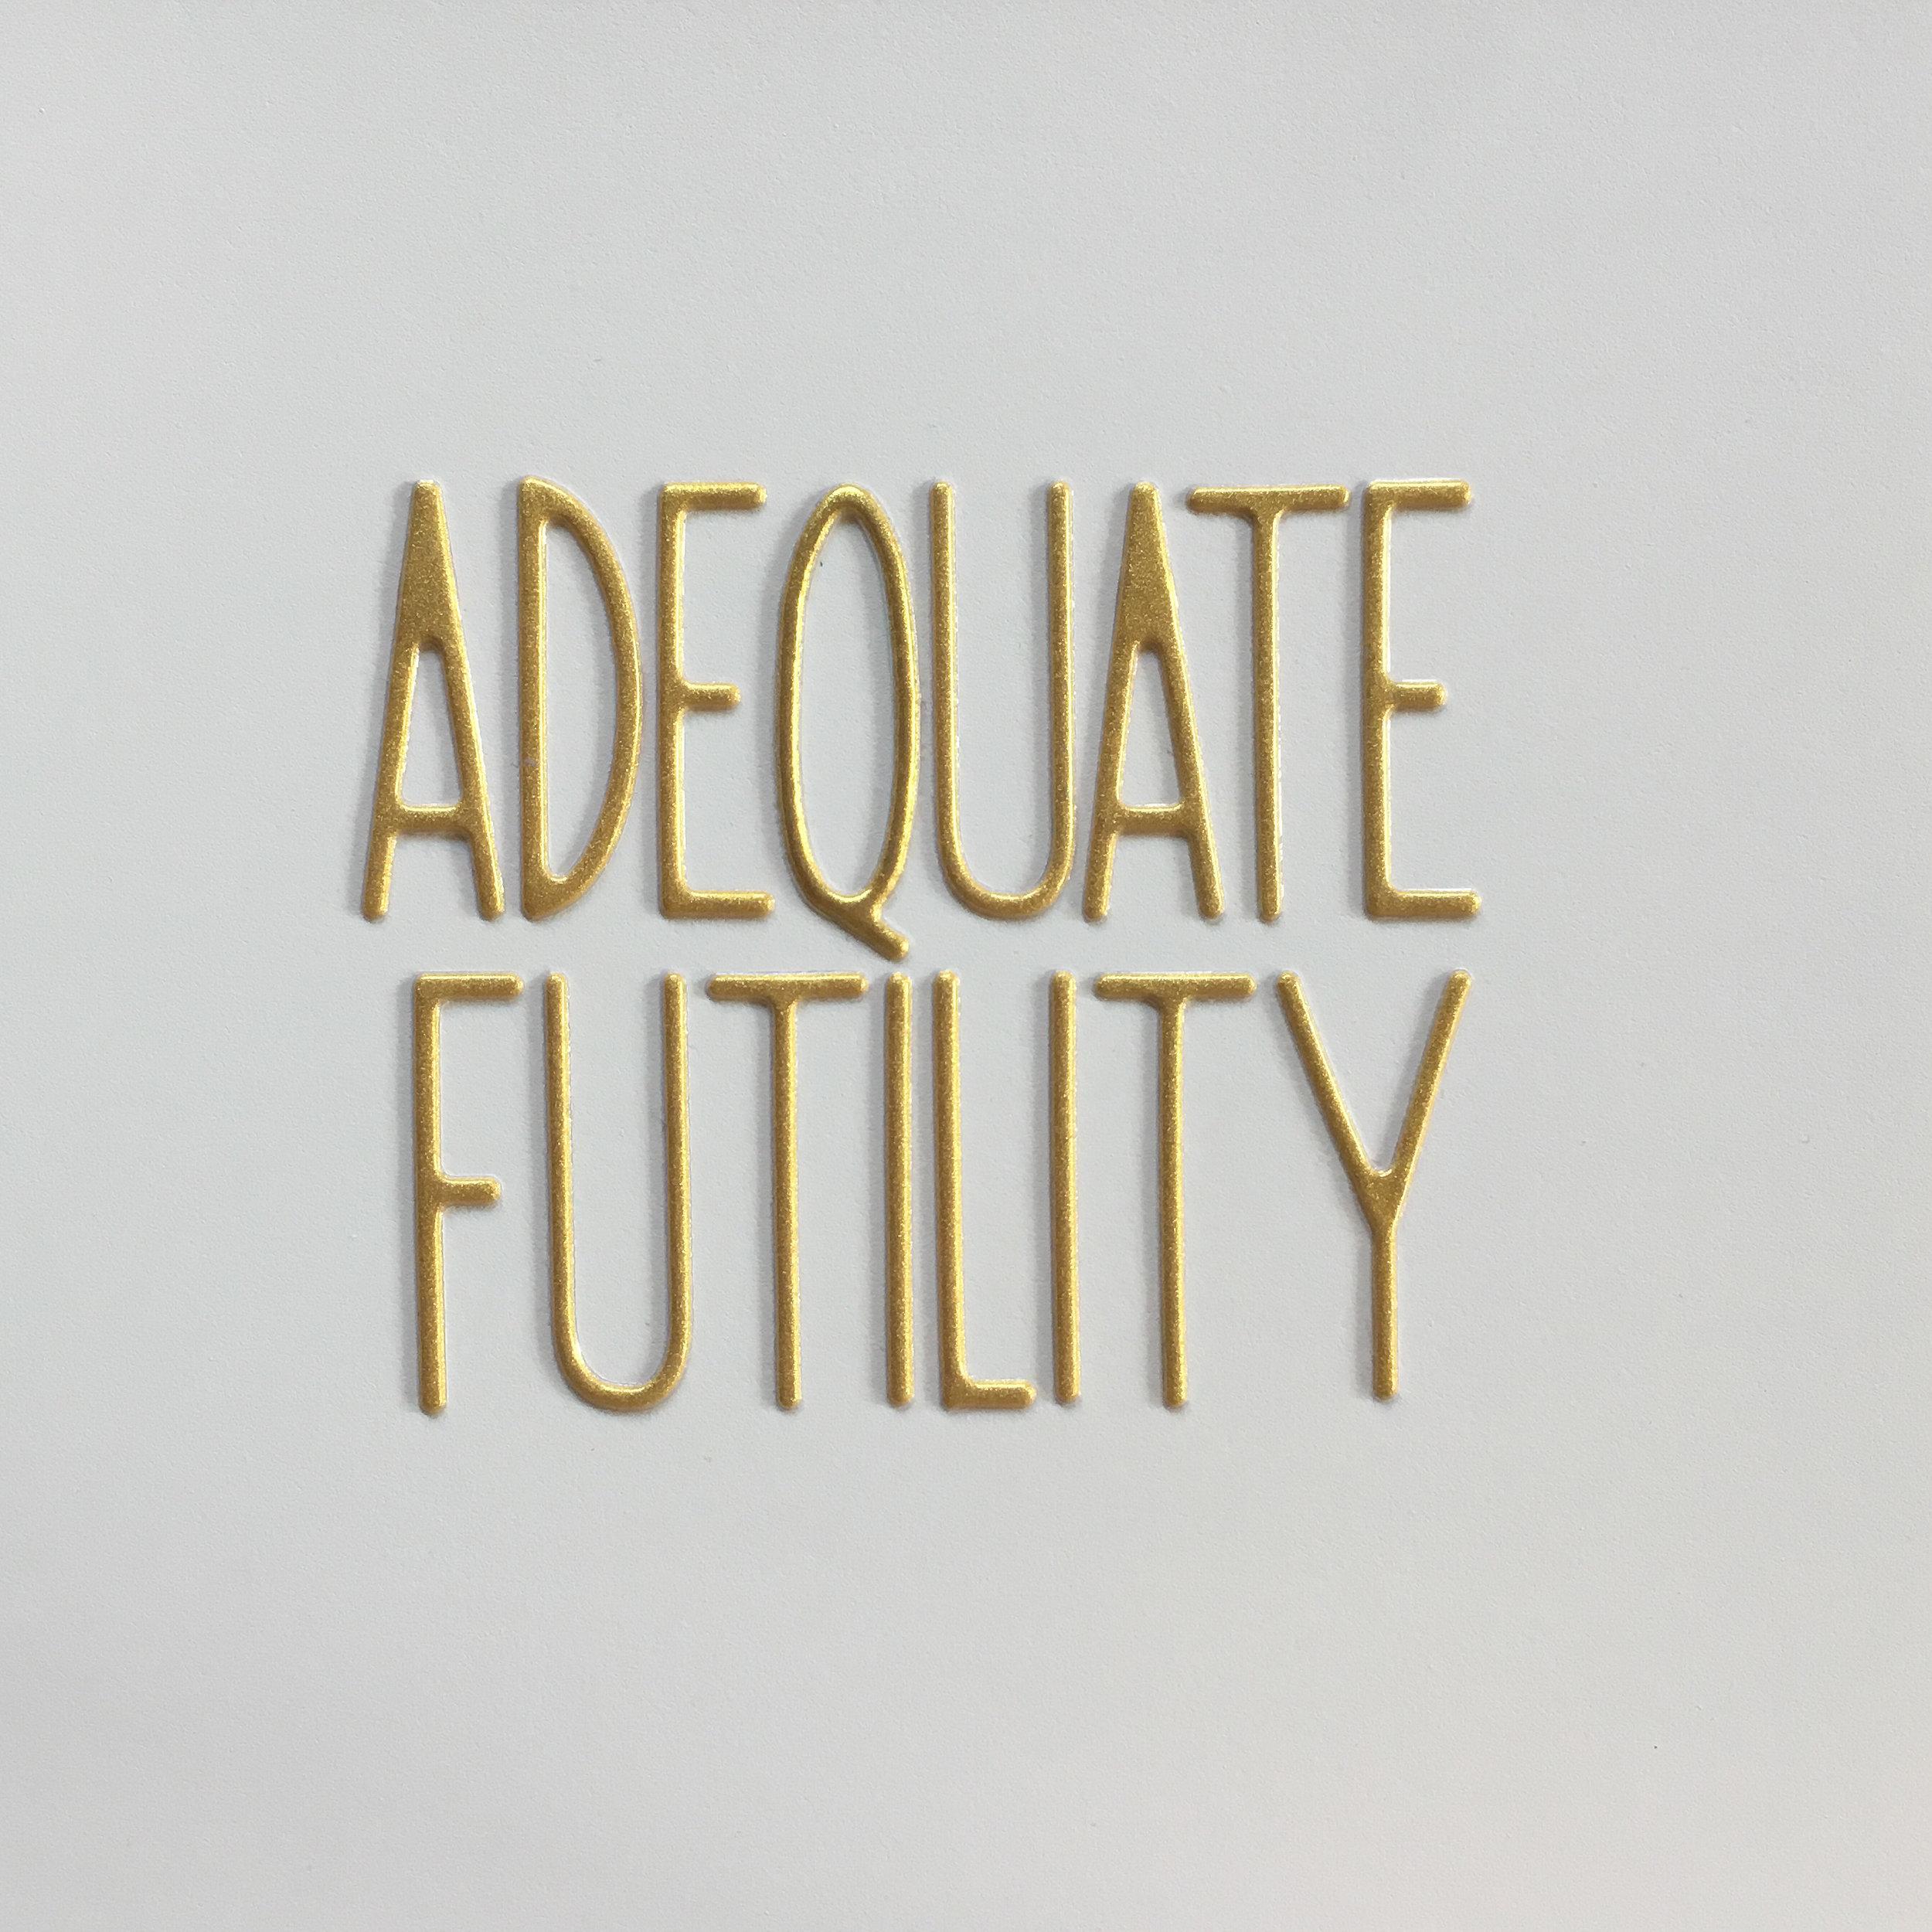 adequate futility.jpg